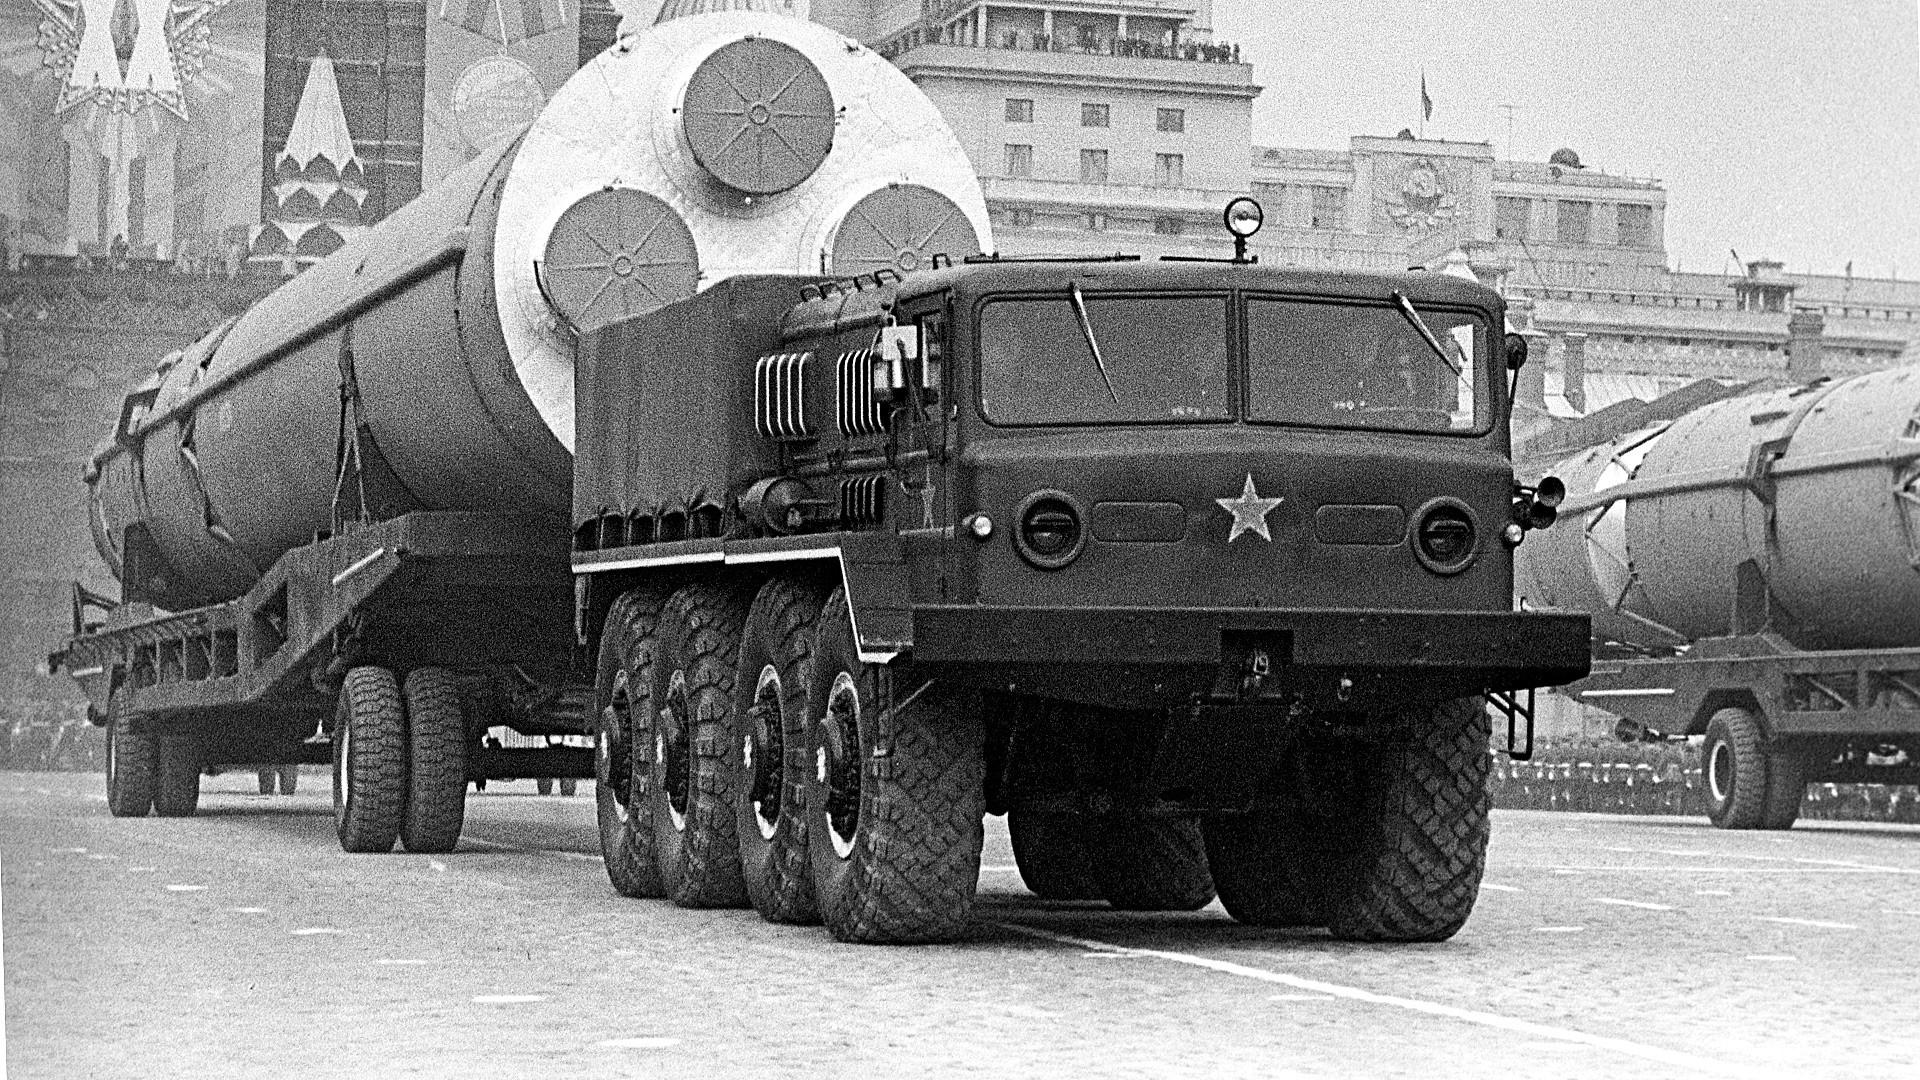 Parada do Dia da Vitória em 1965.